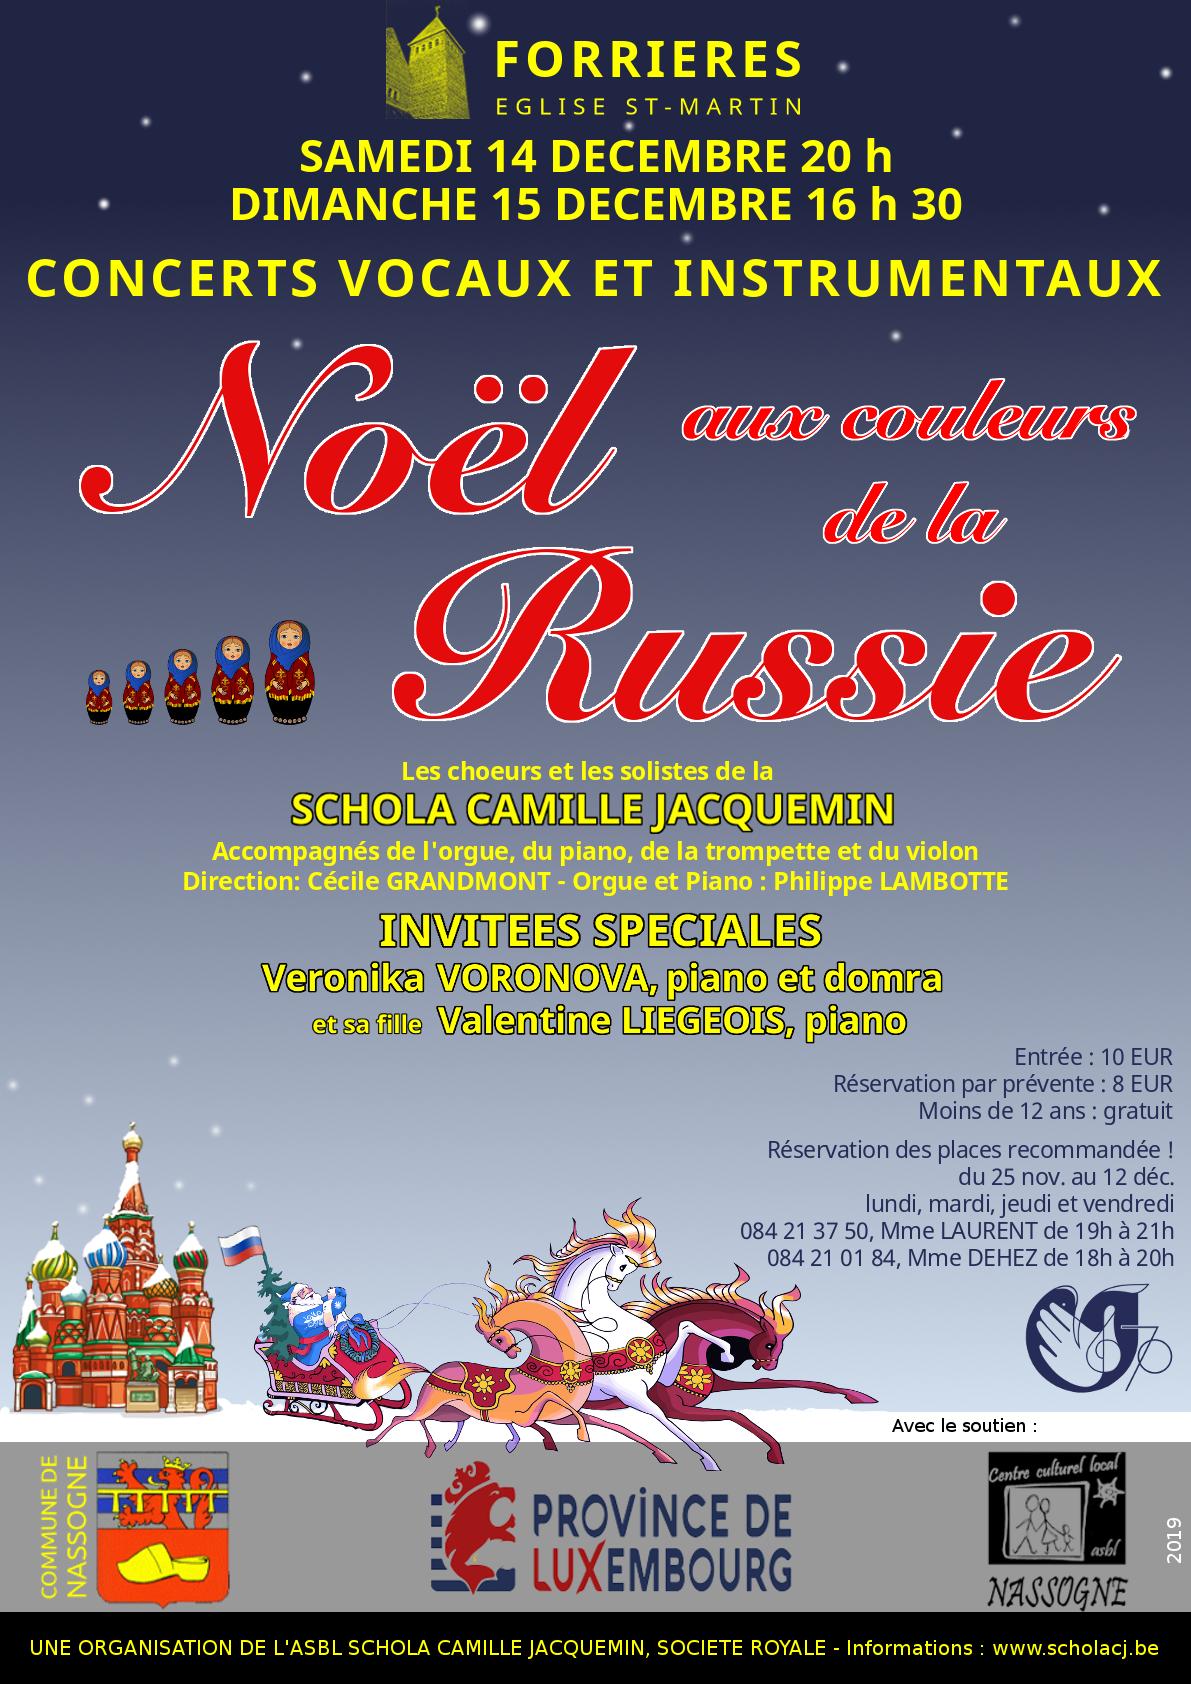 14 et 15 décembre 2019, concerts de Noël de ma Schola Camille Jacquemin à Forrières (église)